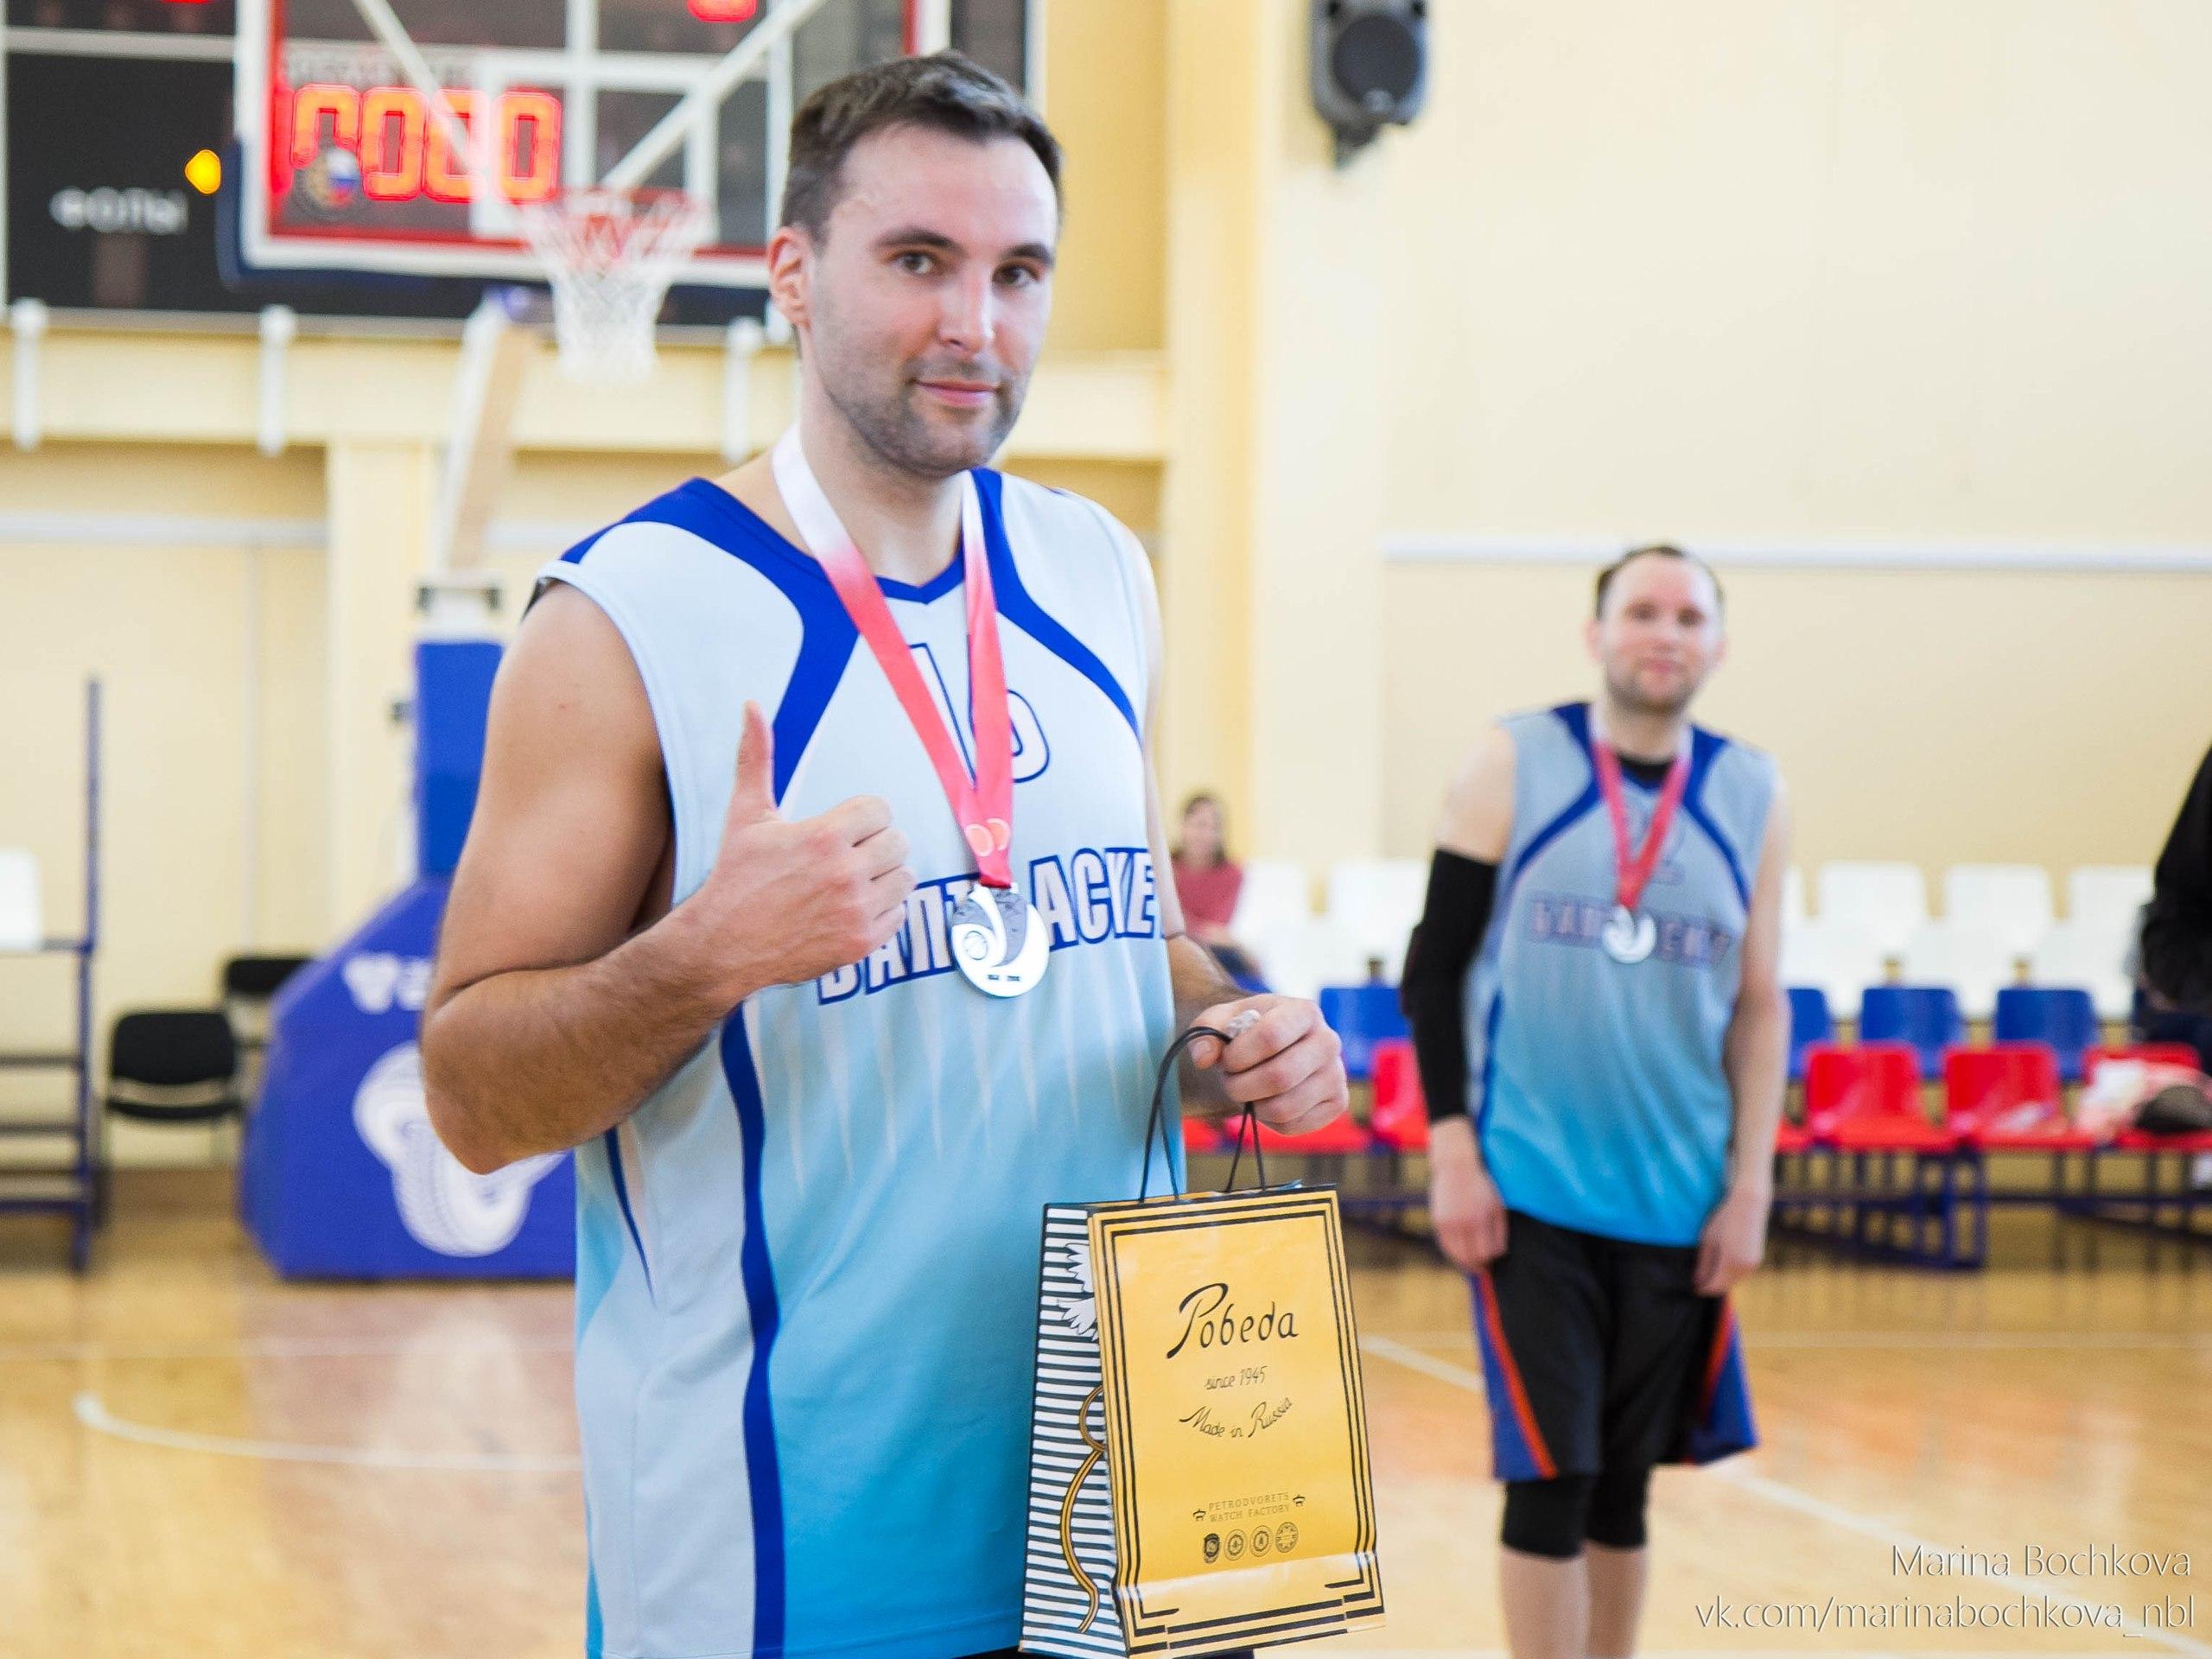 Данила Кукурузов – лучший игрок Второго Дивизиона НБЛ сезона 2017-2018